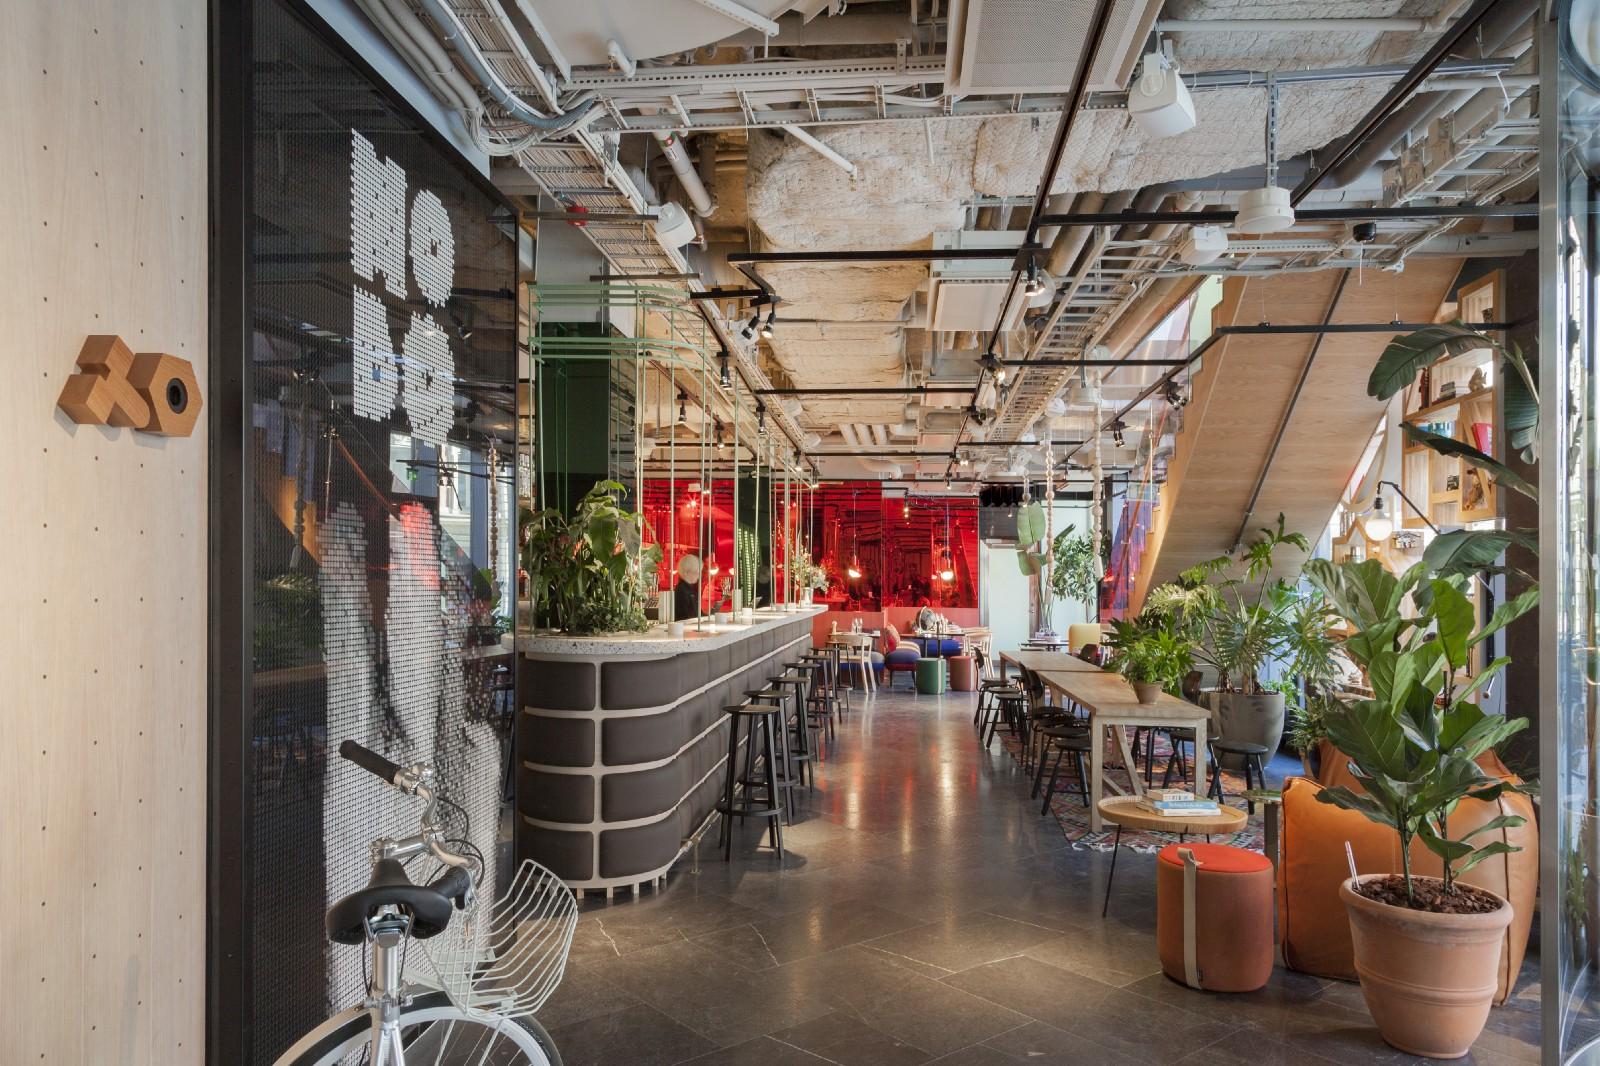 hobo-hotel-bar-restaurant